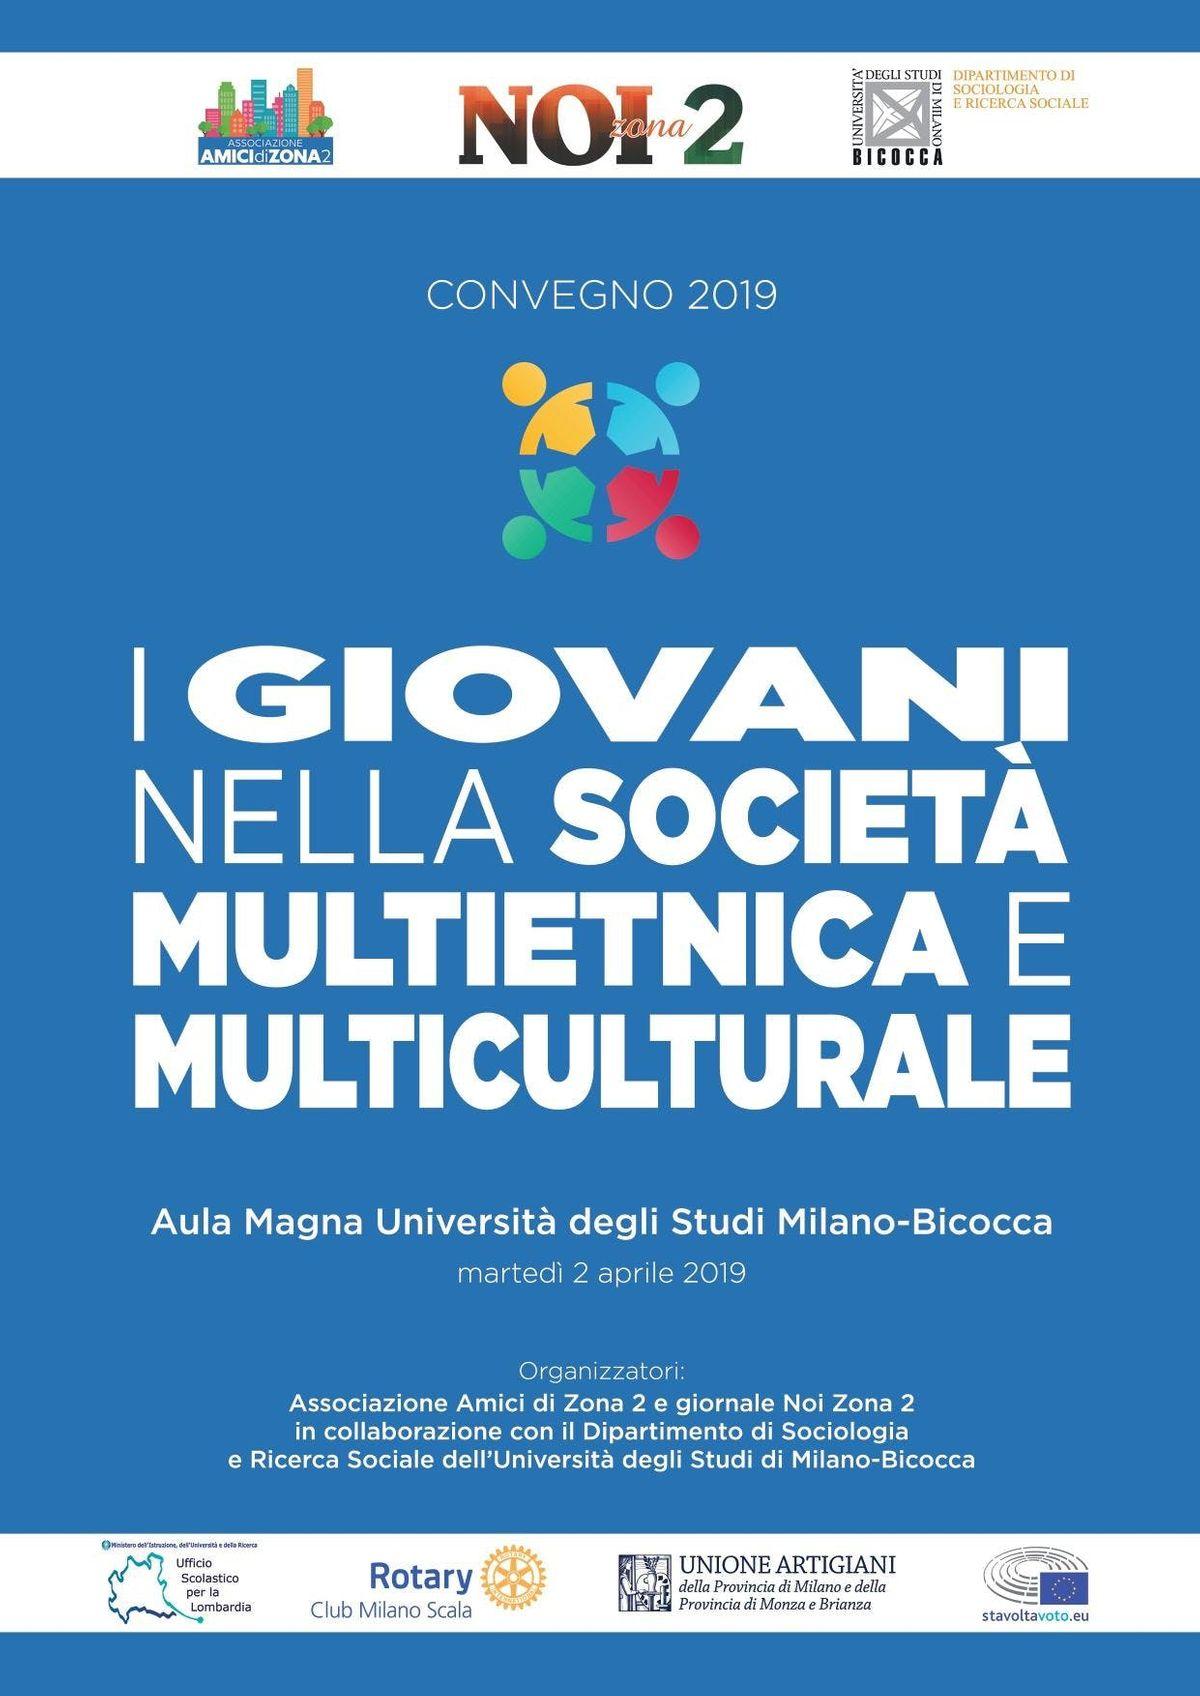 Convegno I giovani nella Societ Multietnica e Multiculturale